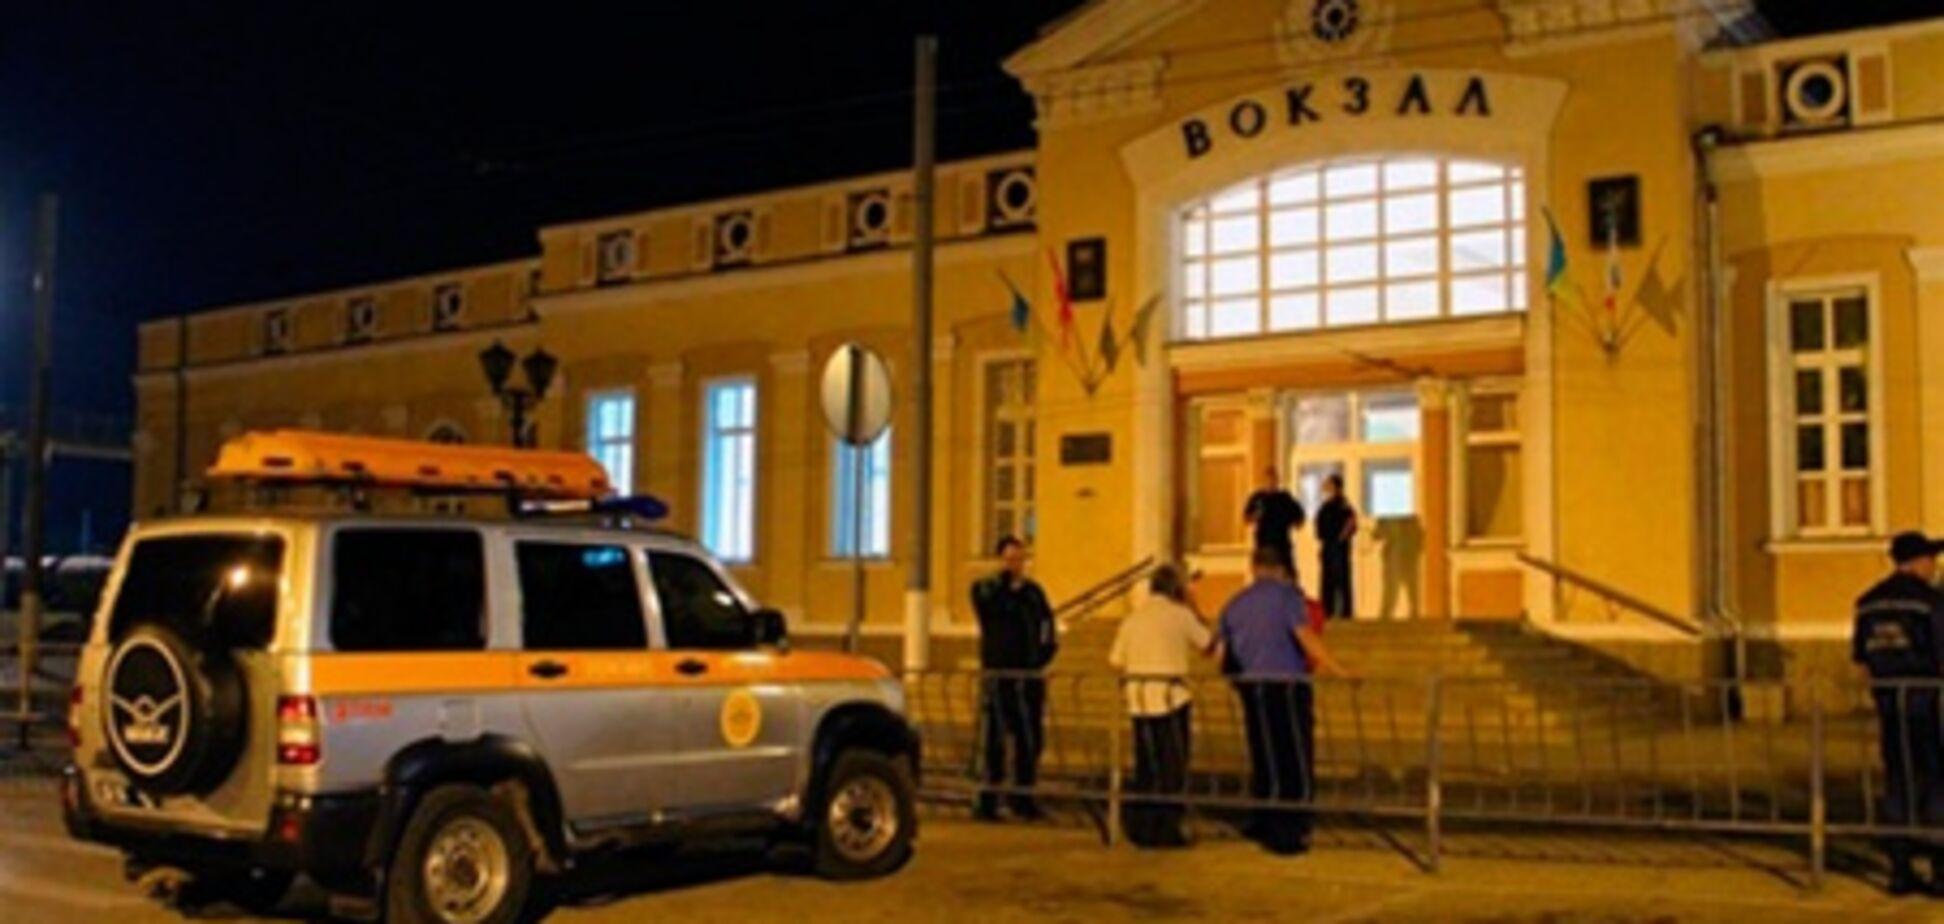 Милиция задержала 'минера' керченского ж/д вокзала